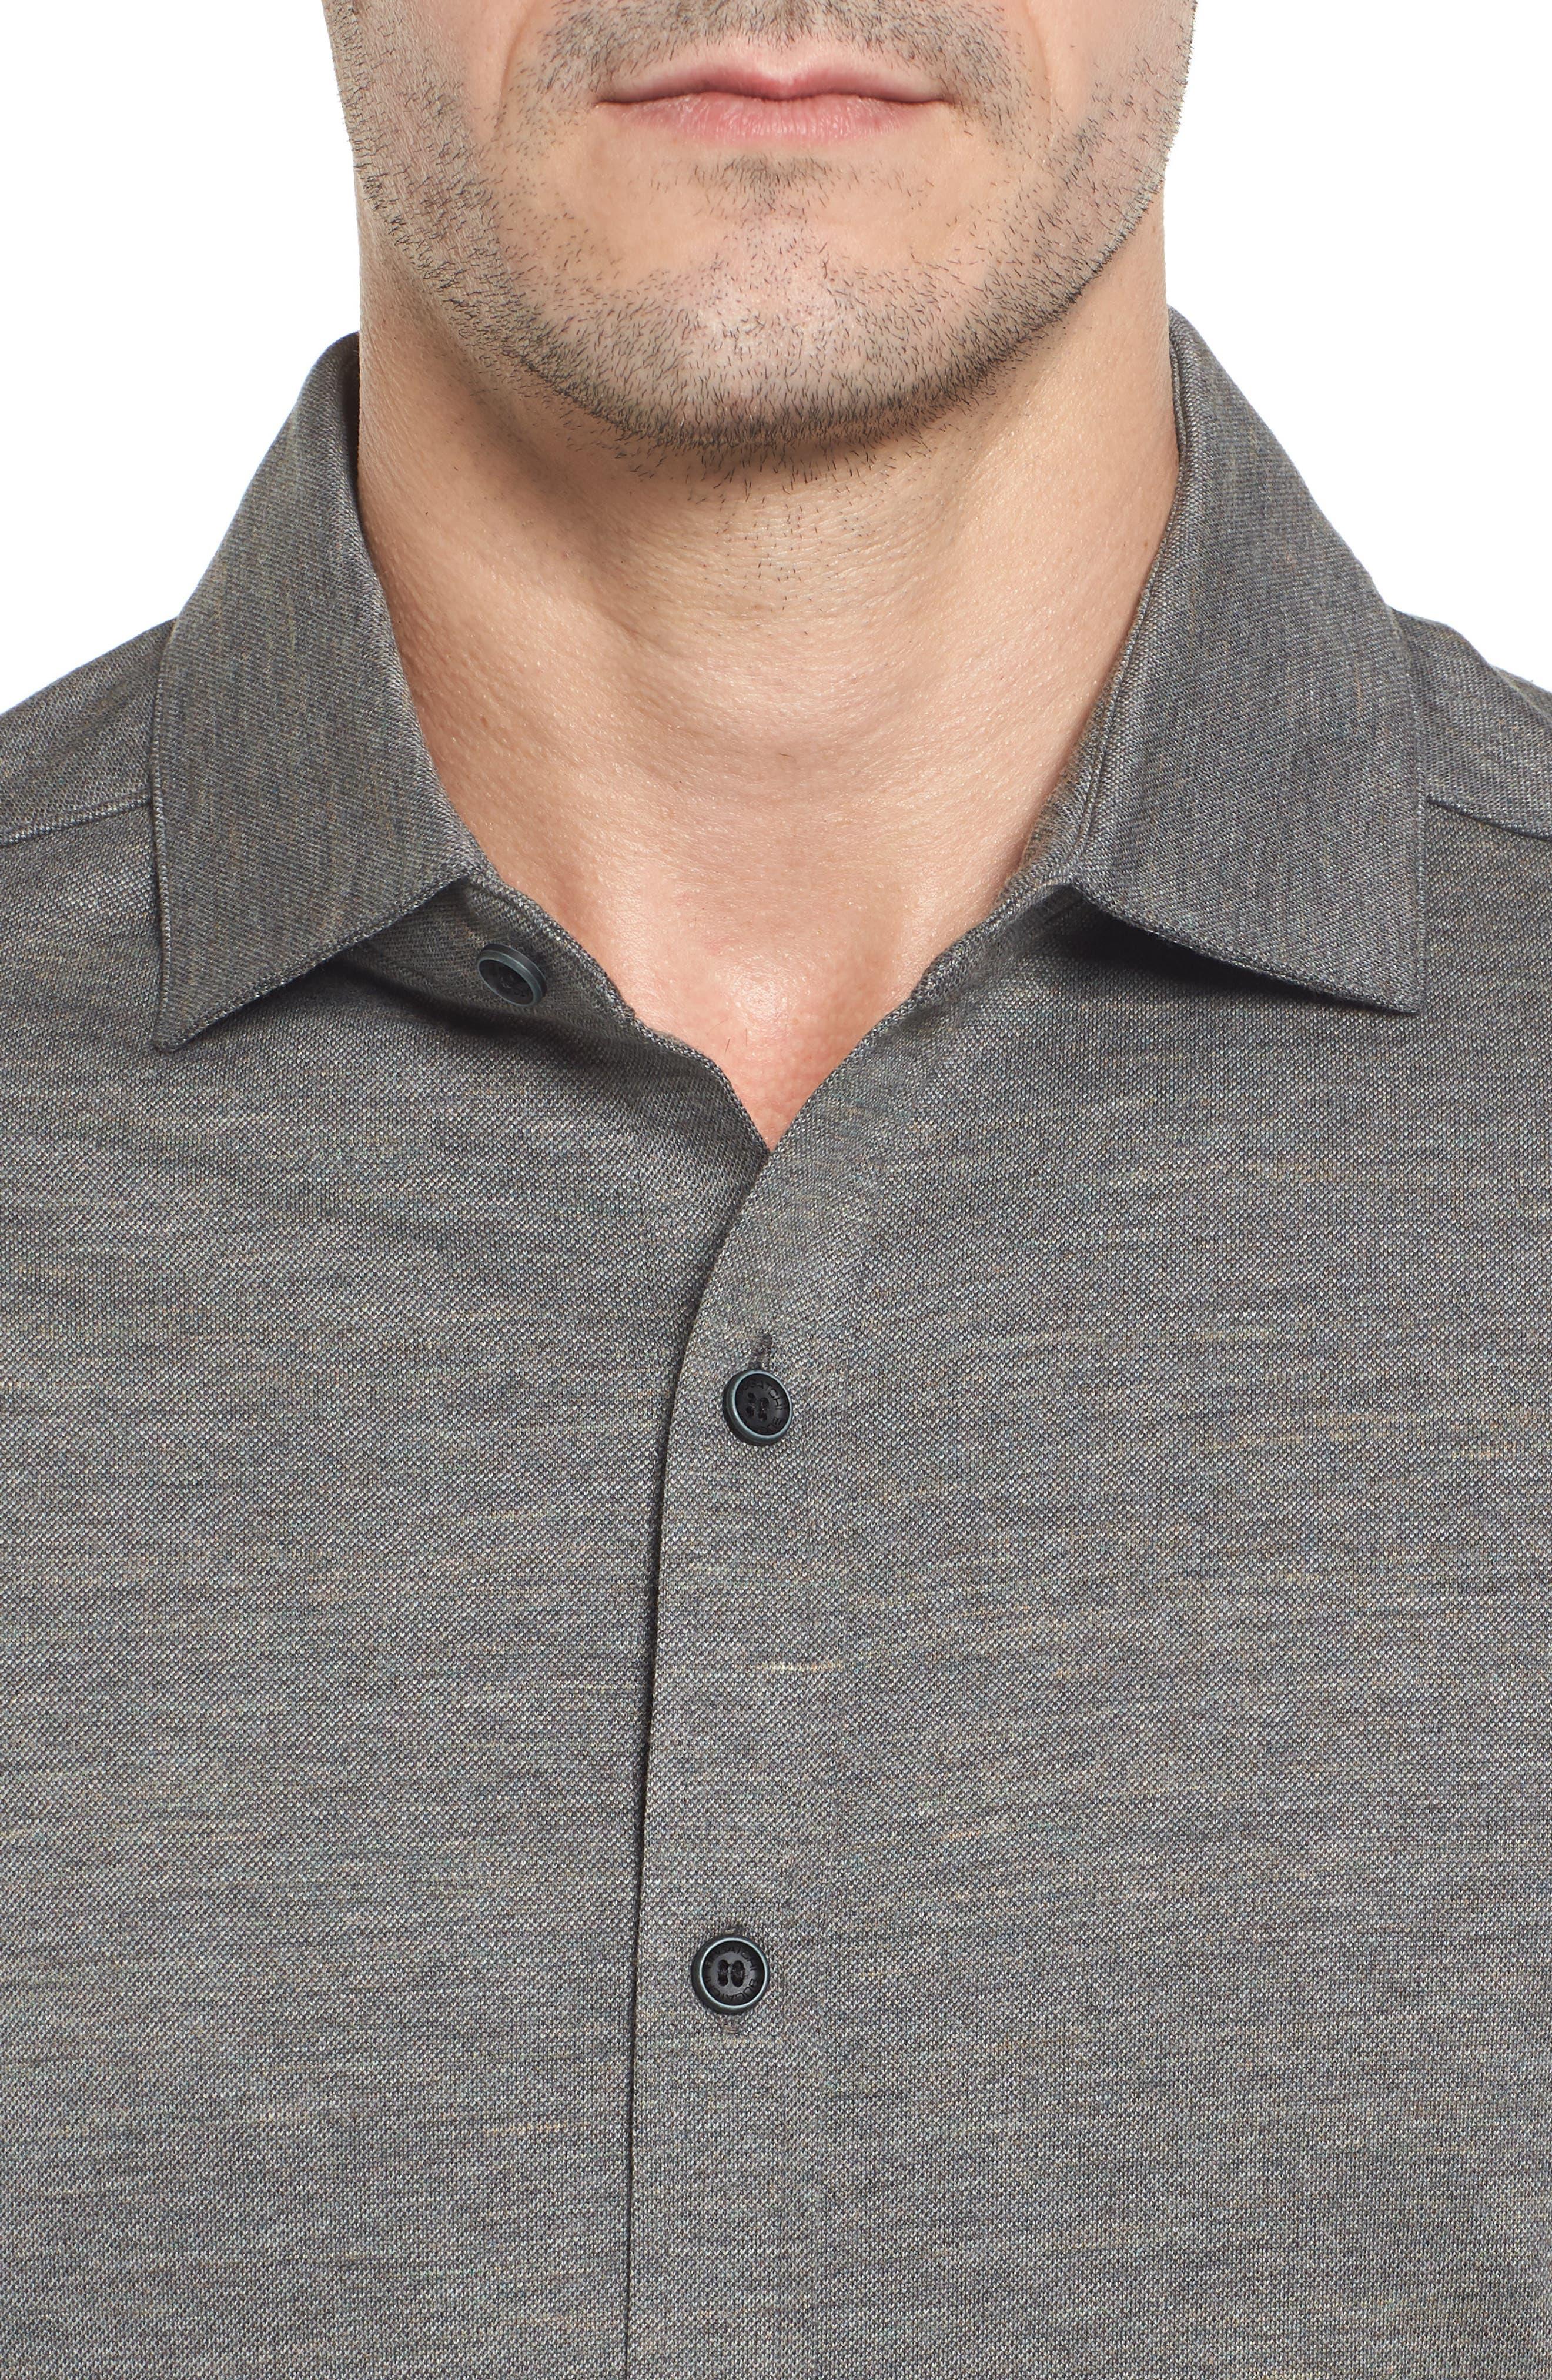 Regular Fit Piqué Knit Sport Shirt,                             Alternate thumbnail 4, color,                             Graphite